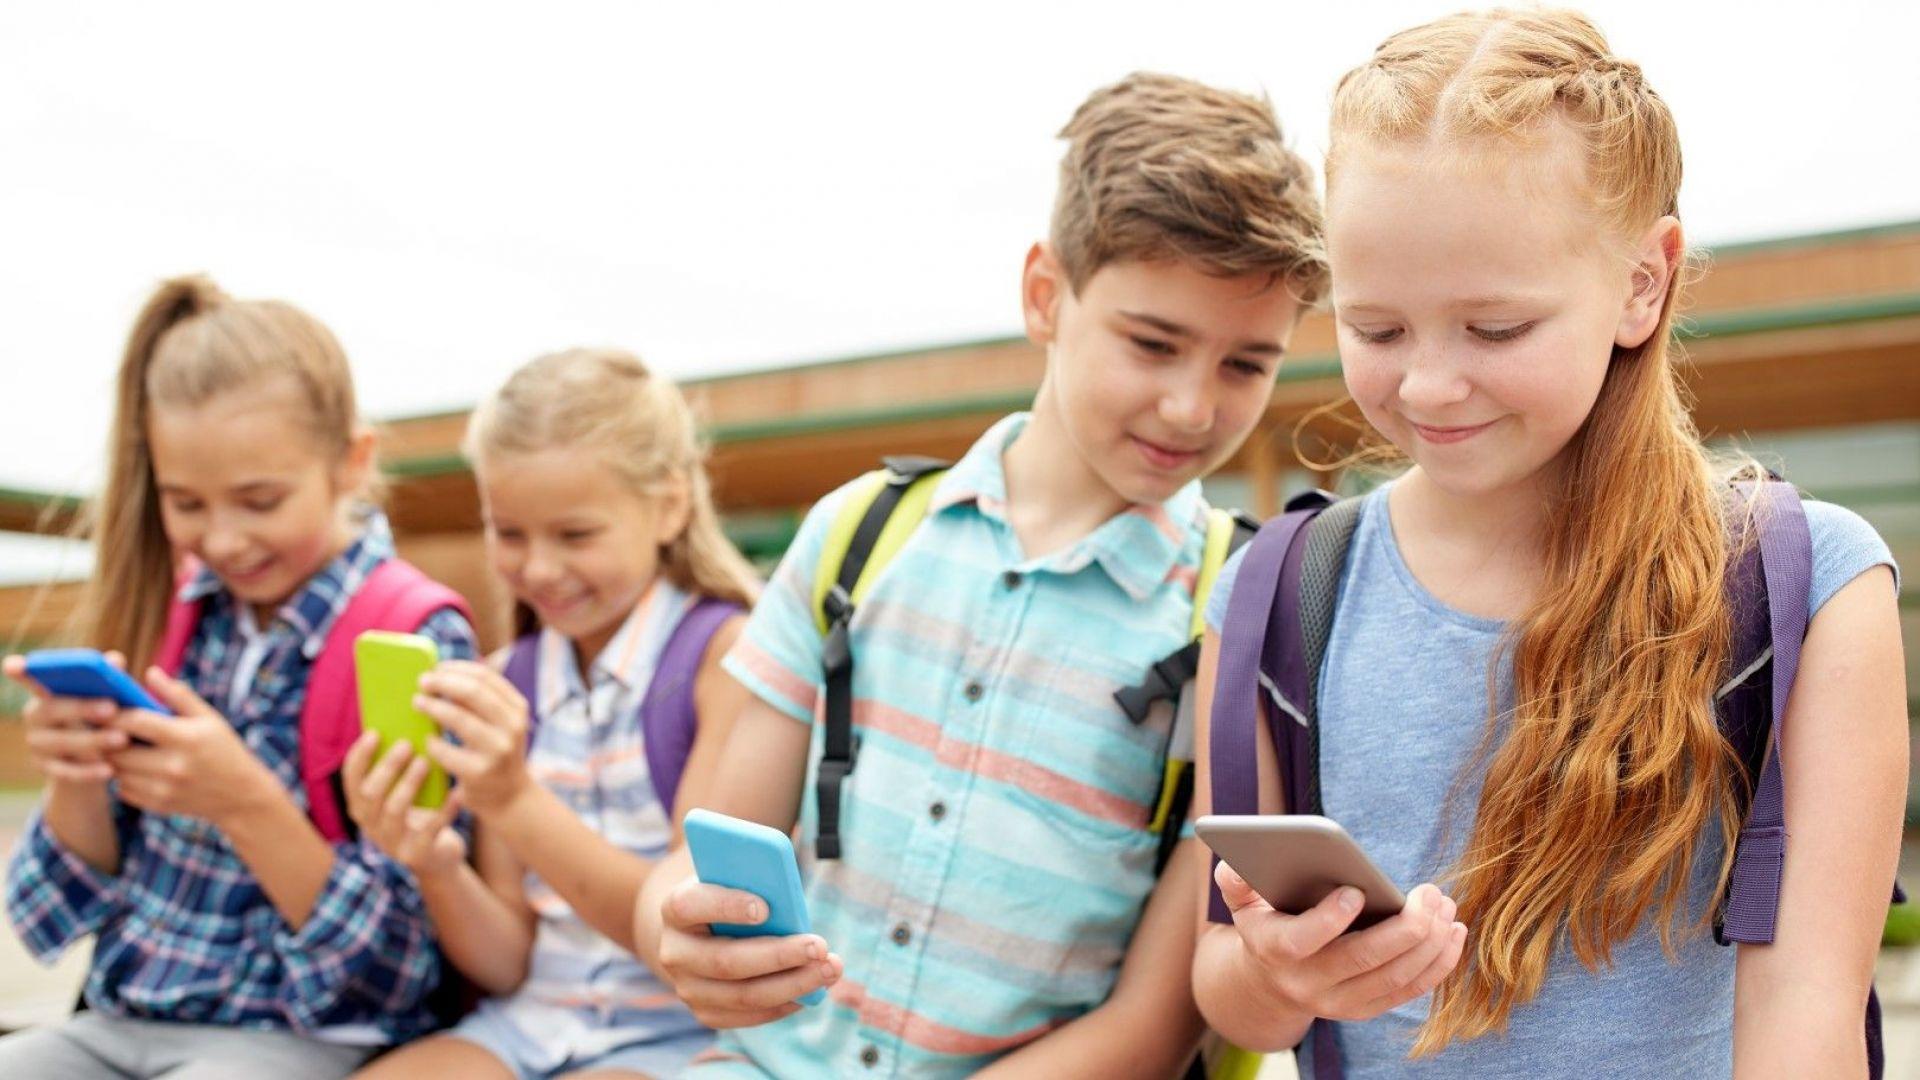 Американските тийнейджъри предпочитат да си пишат SMS-и, вместо да се срещат